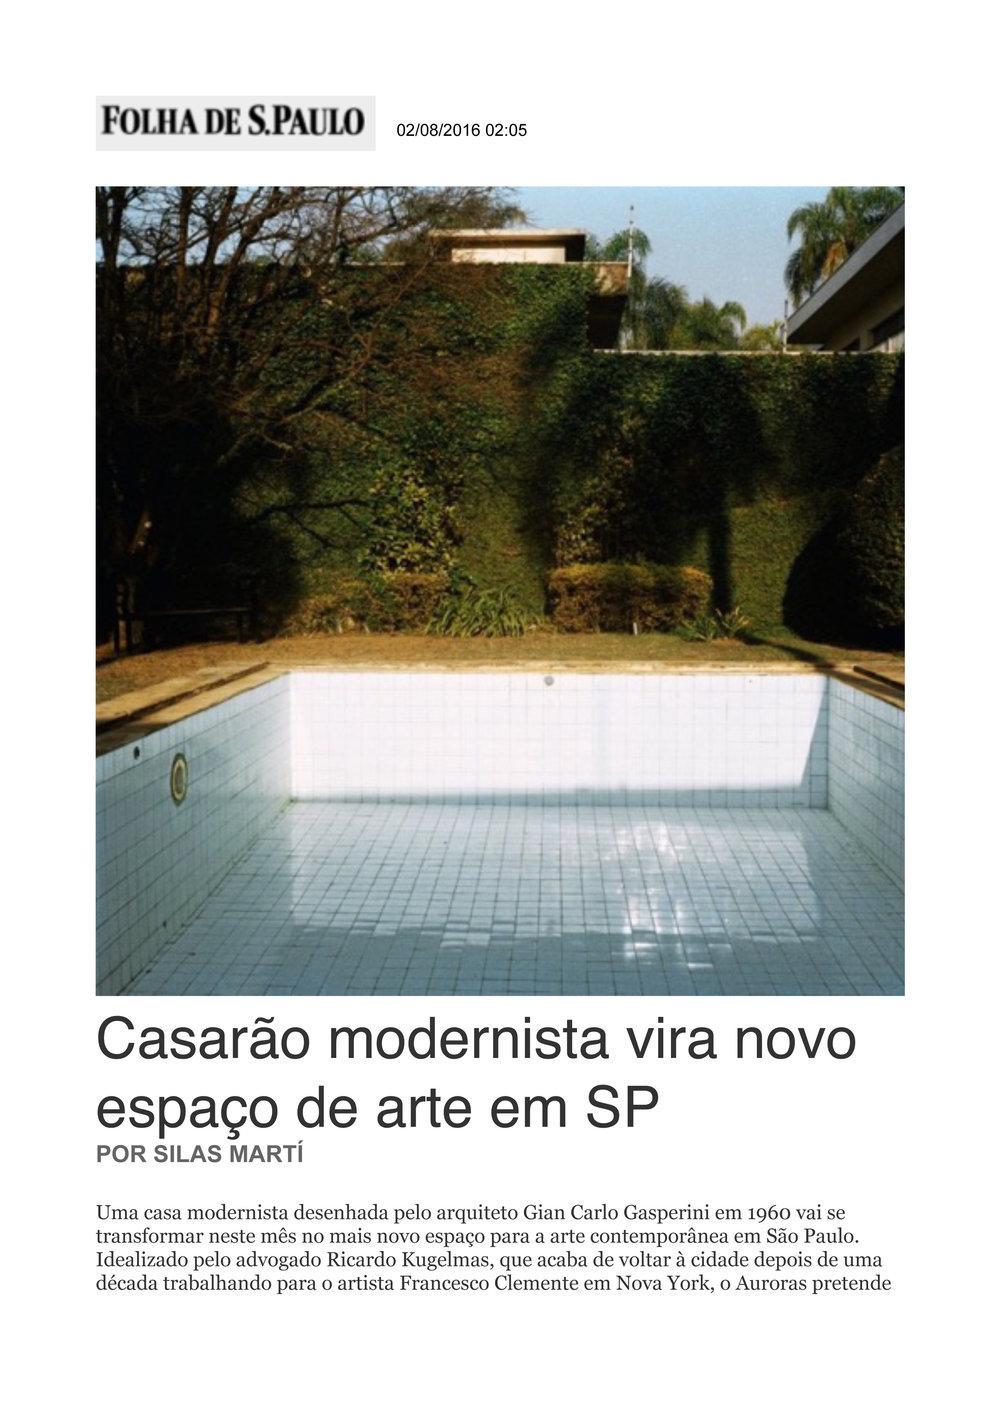 Folha 02-08-16.jpg